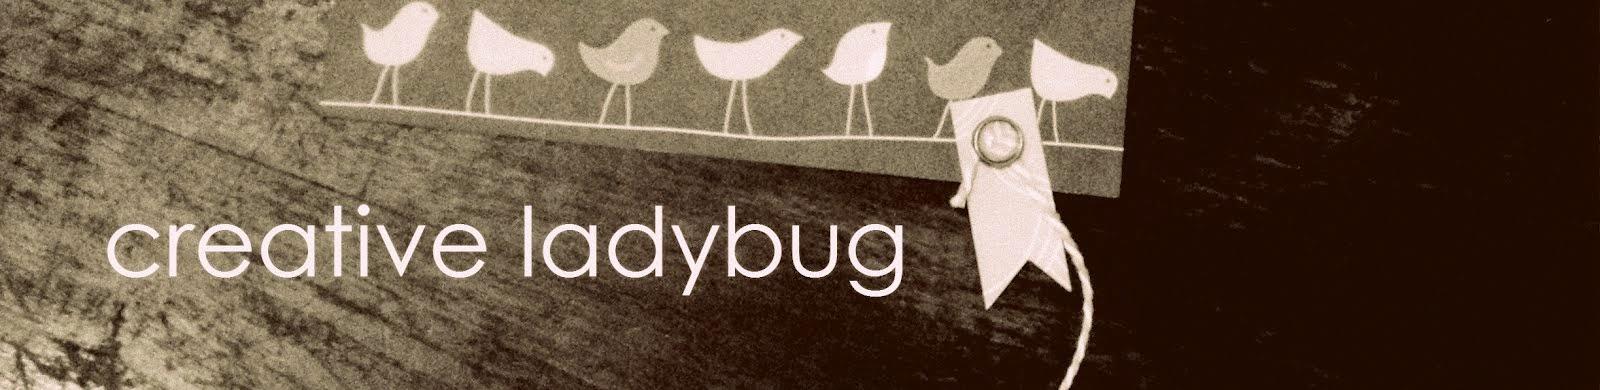 creative ladybug